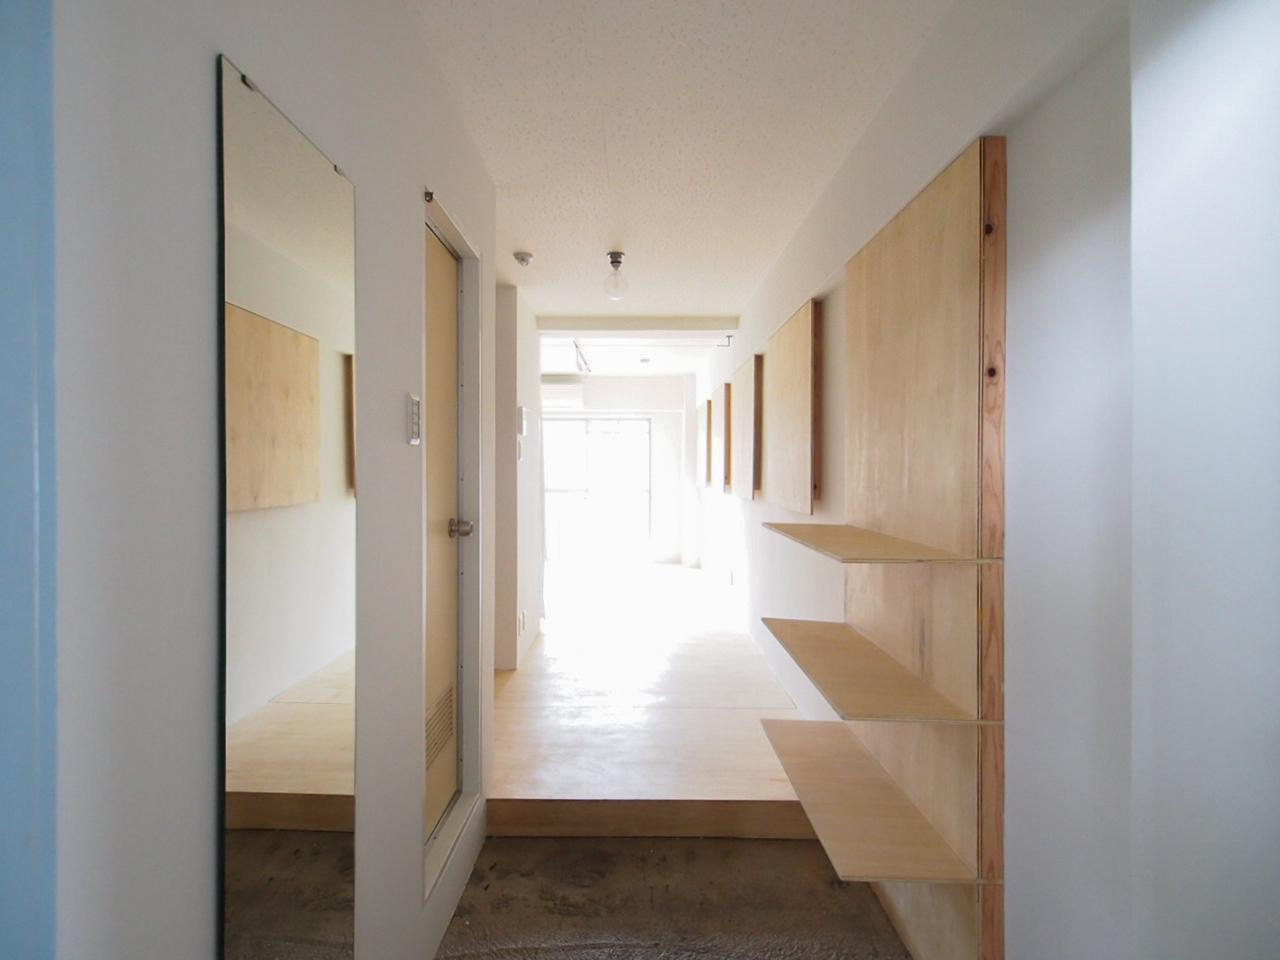 玄関入って姿見の鏡と造作の靴箱